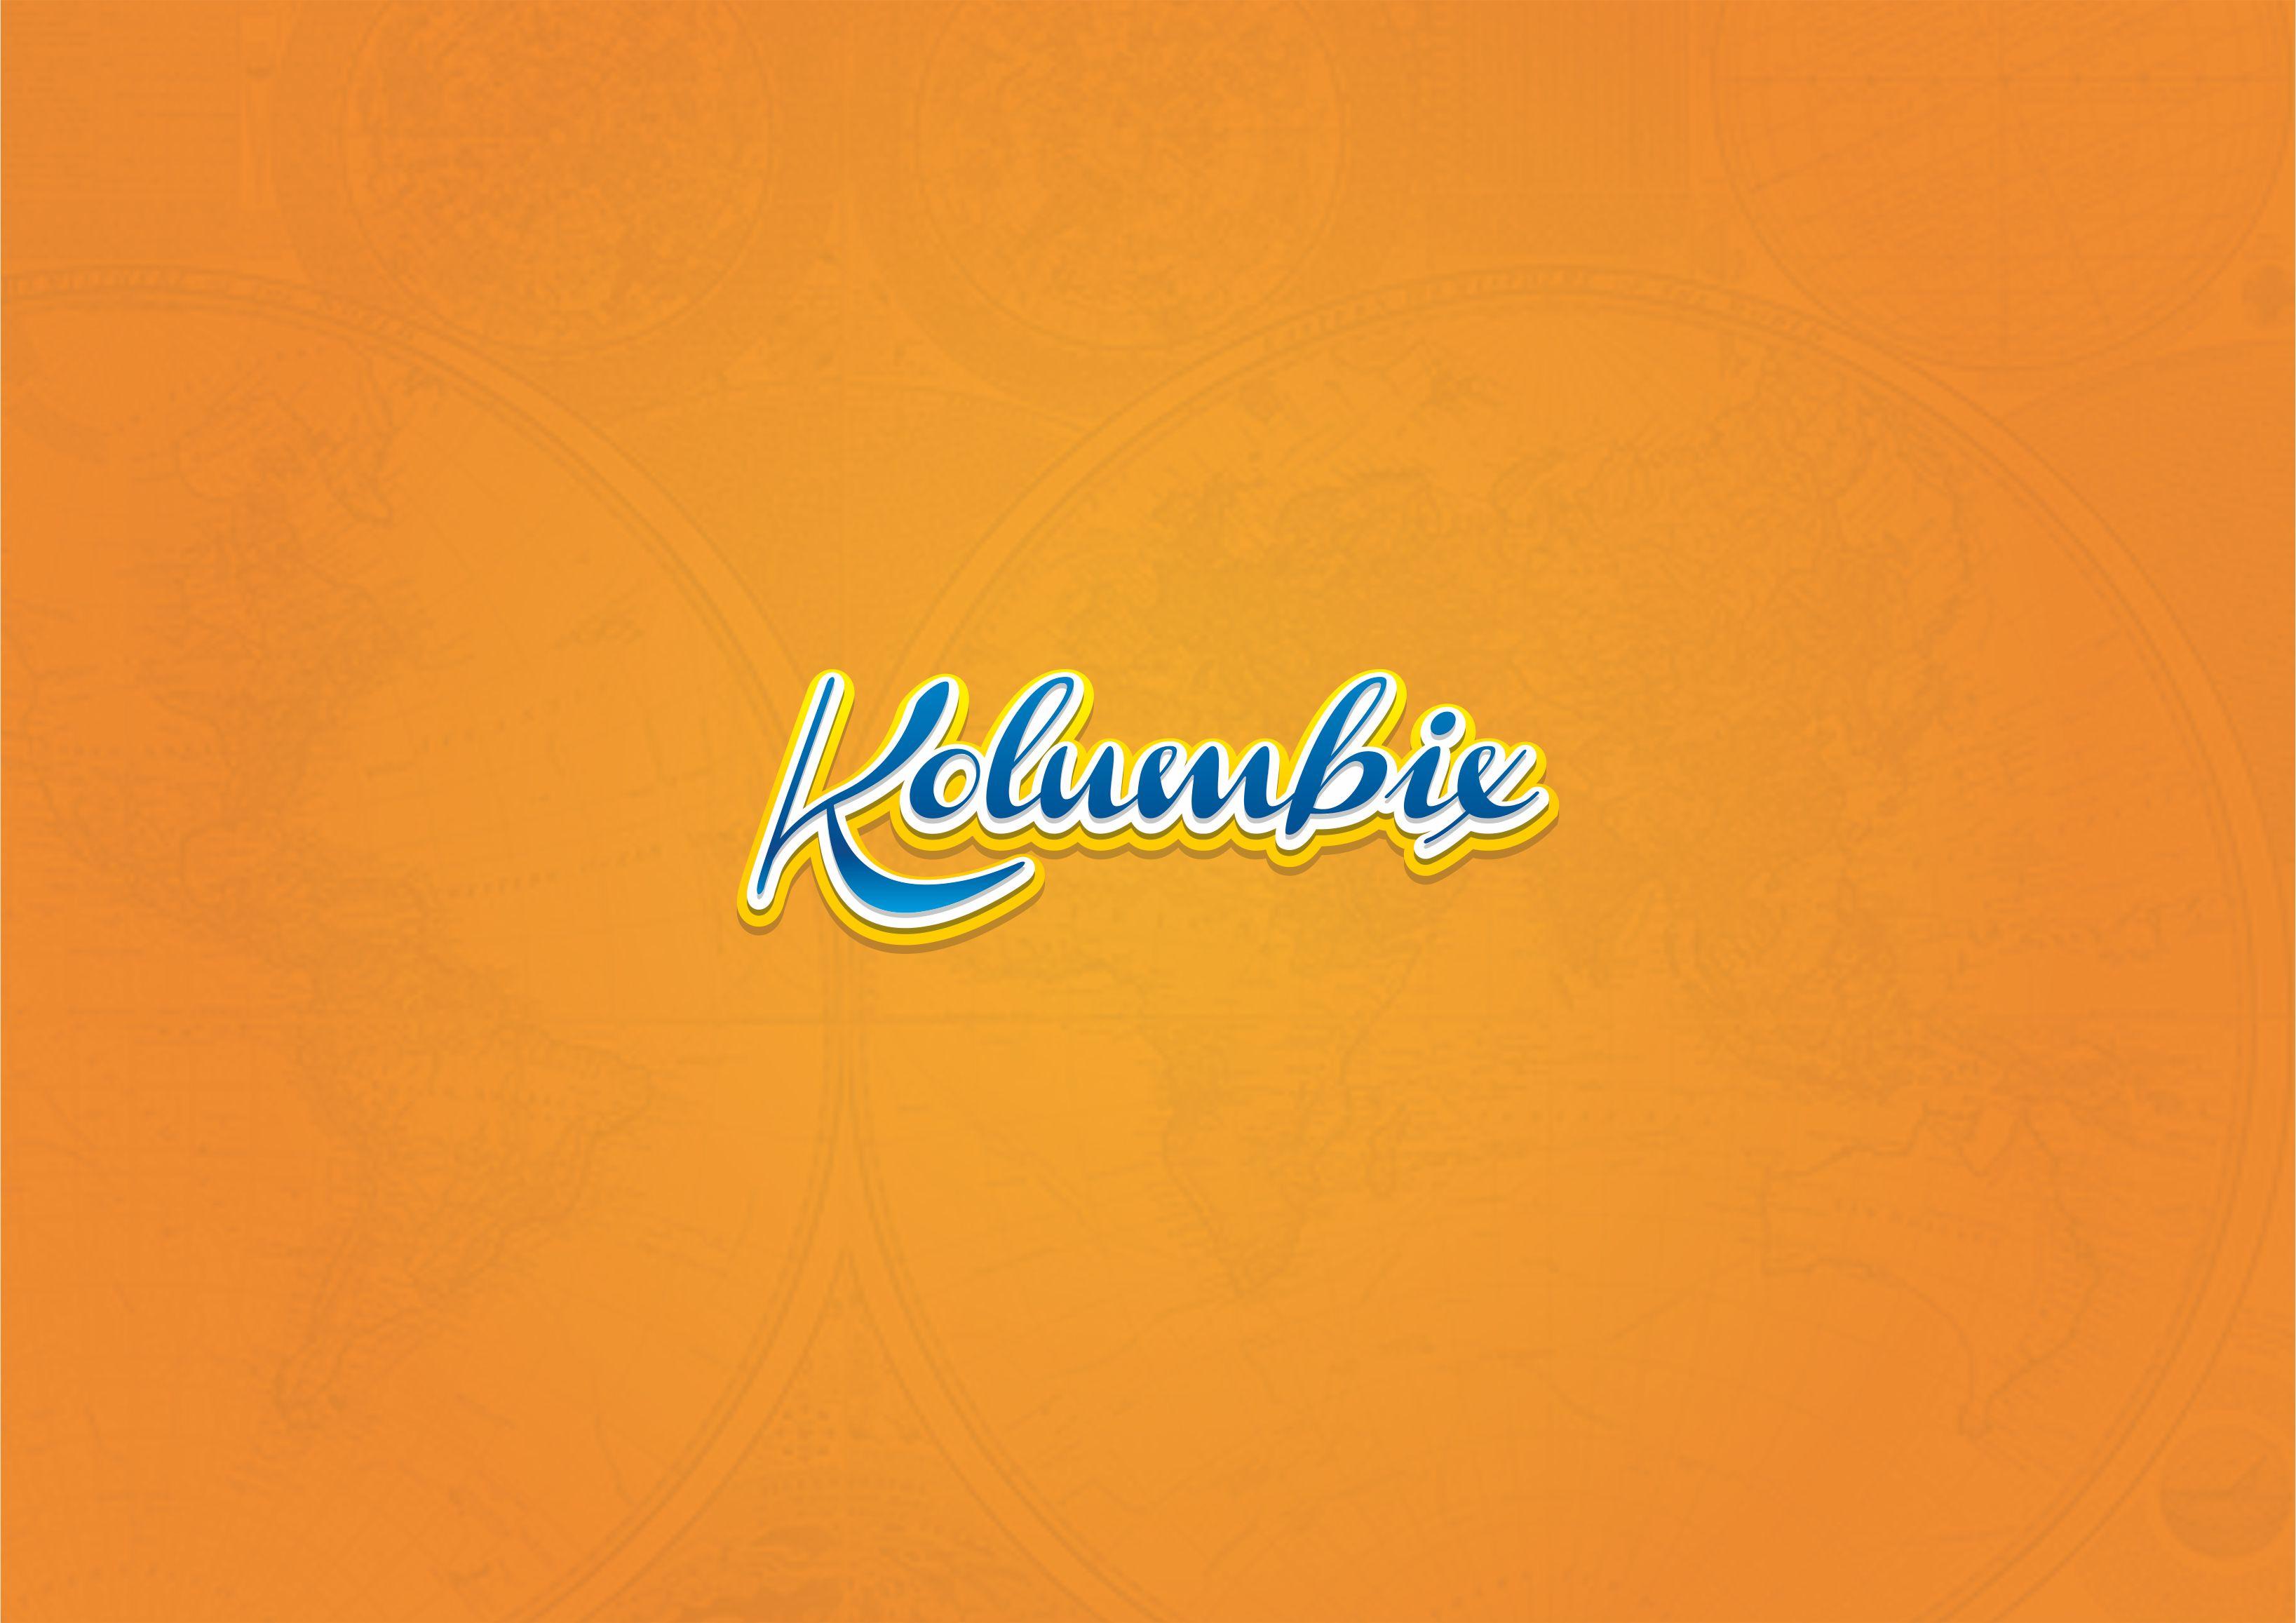 Создание логотипа для туристической фирмы Kolumbix фото f_4fb2298b8befe.jpg